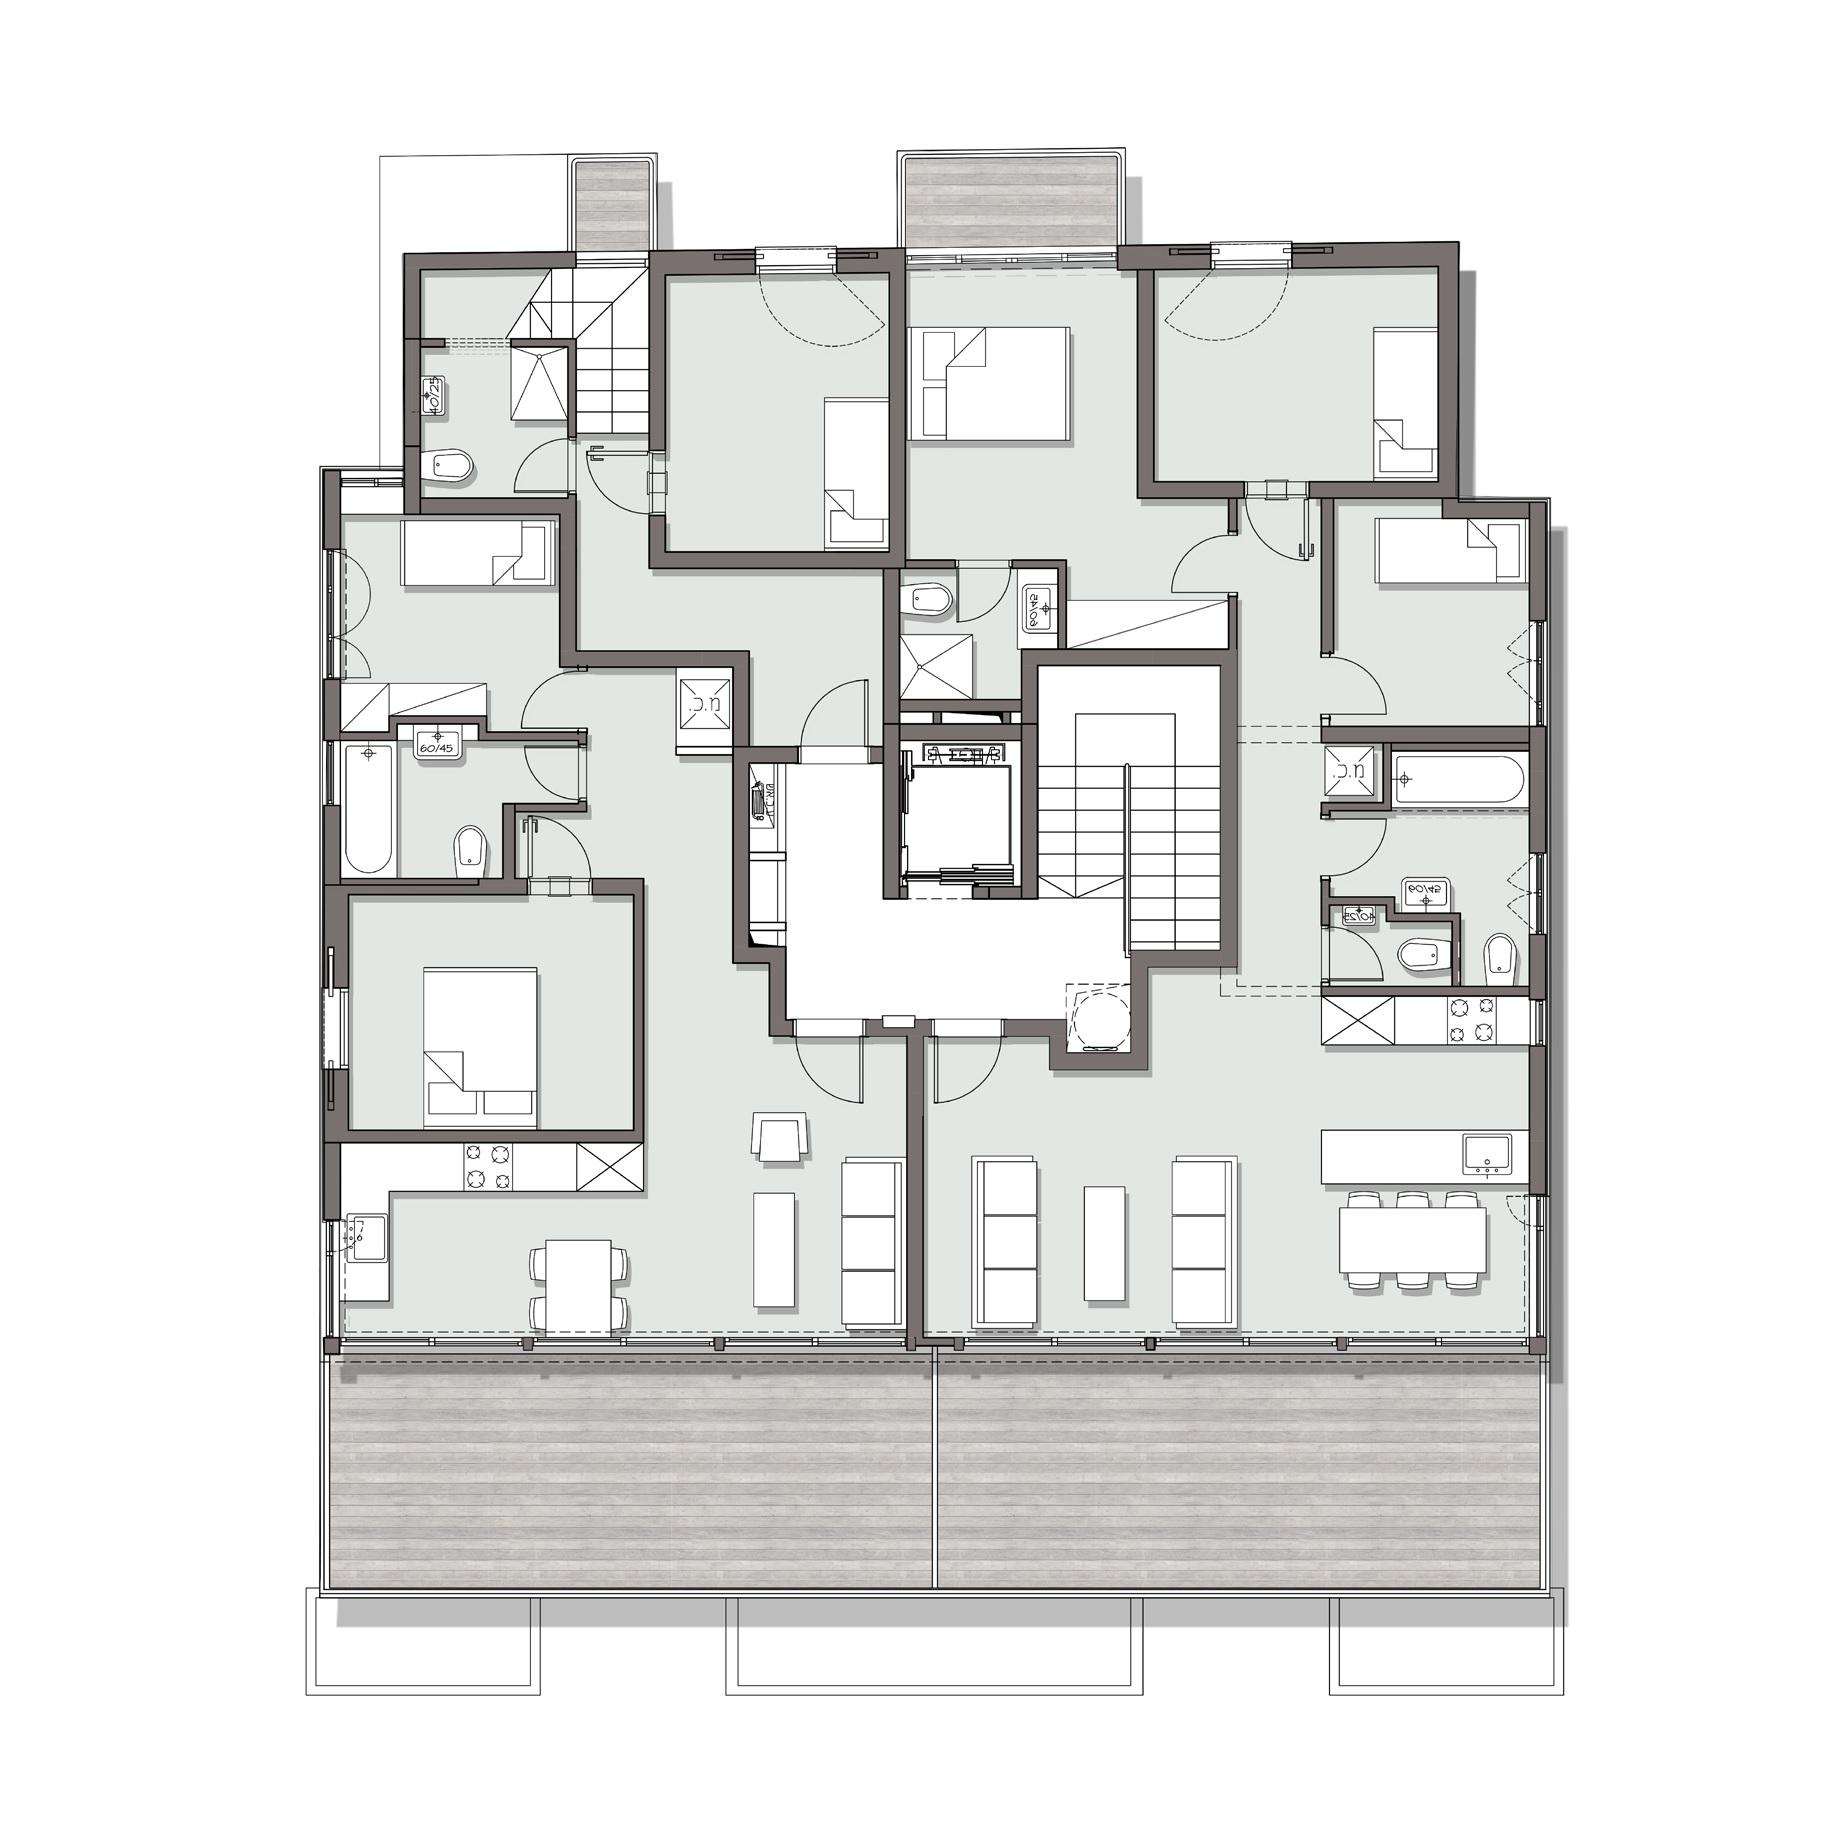 קומה טיפוסית